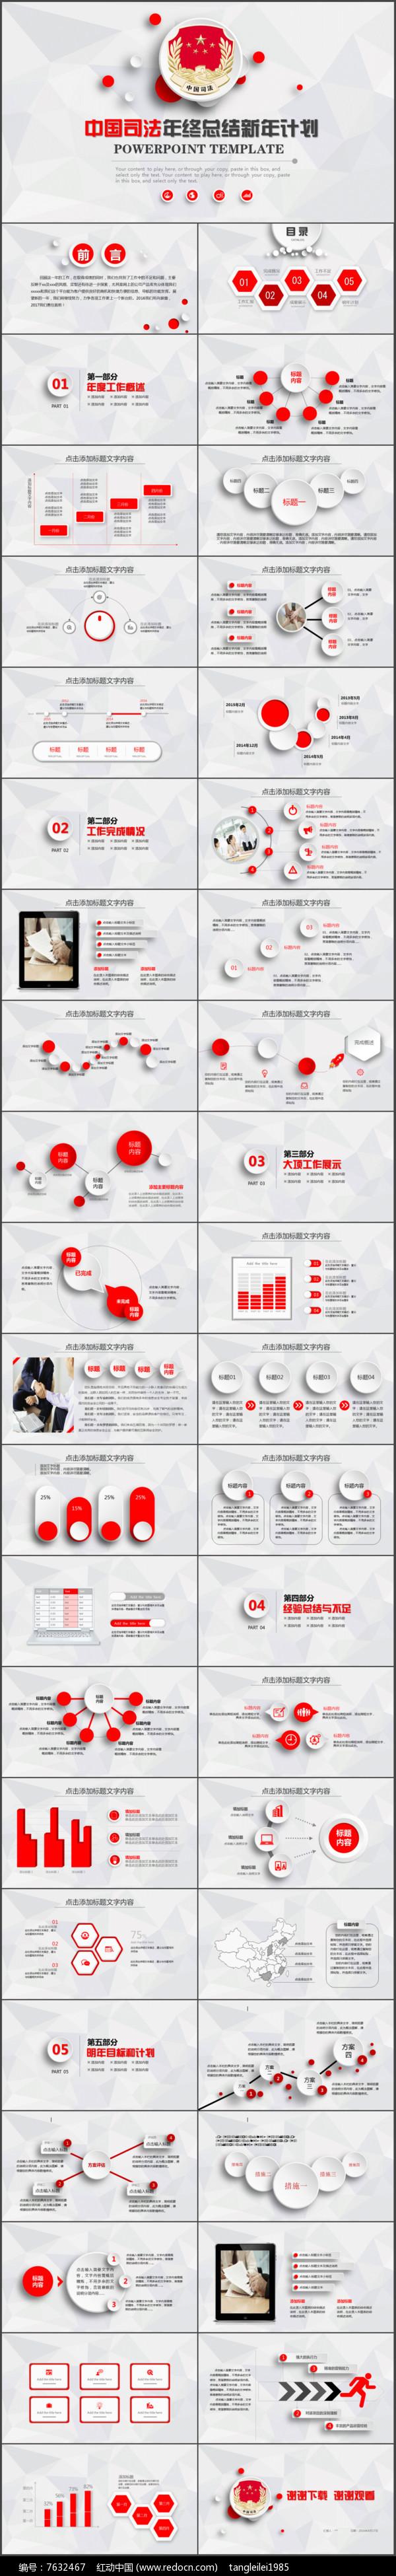 中国司法法律工作年终总结新年计划模板图片